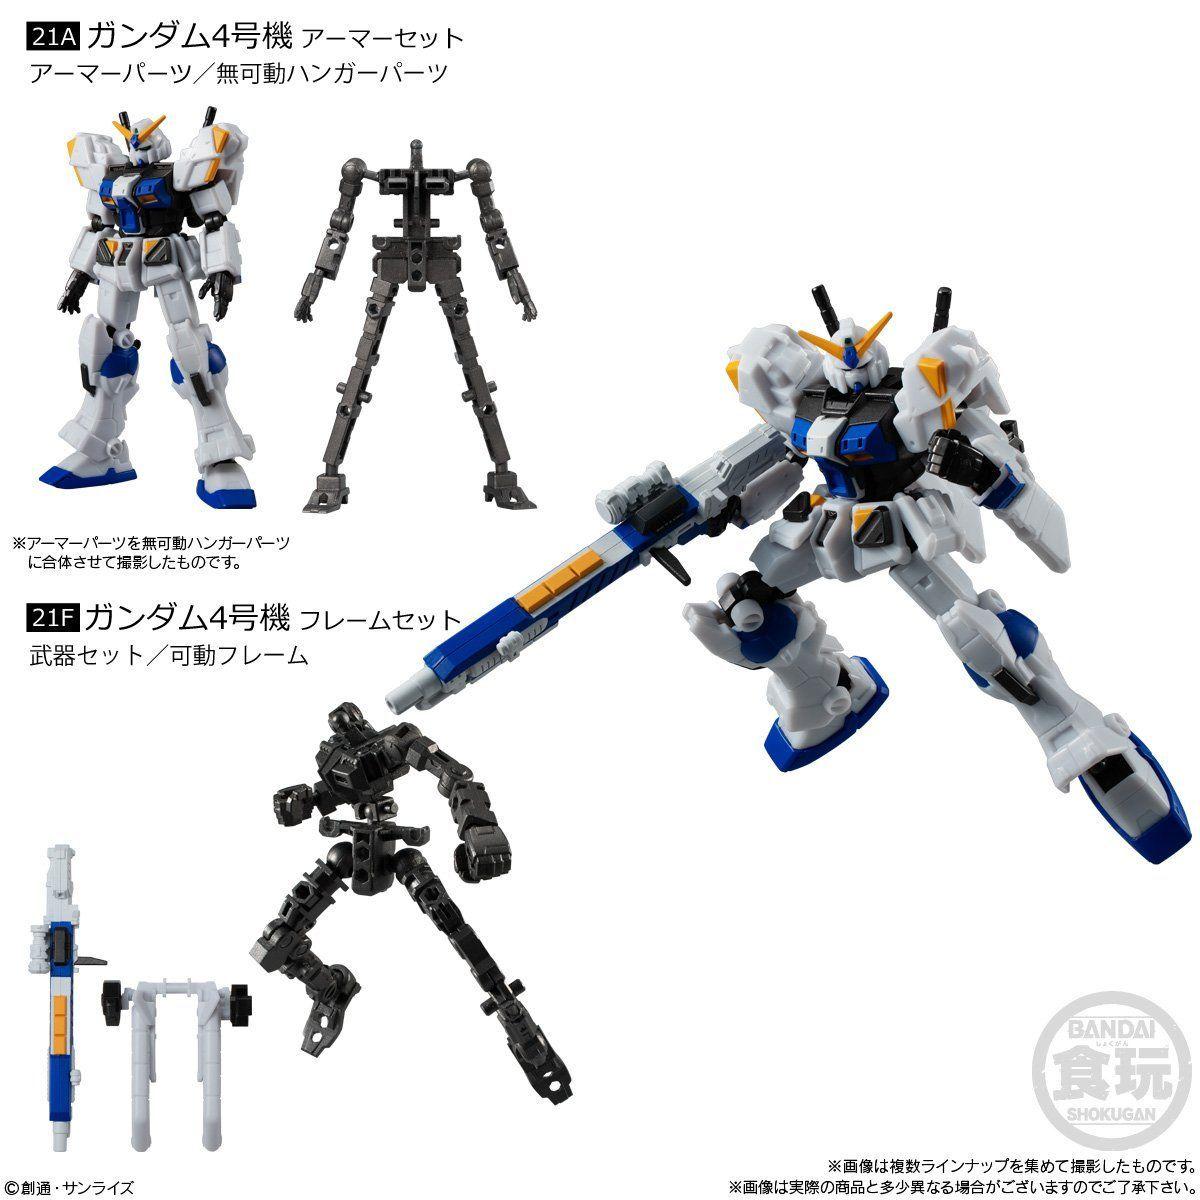 【食玩】機動戦士ガンダム『Gフレーム07』可動フィギュア 10個入りBOX-004